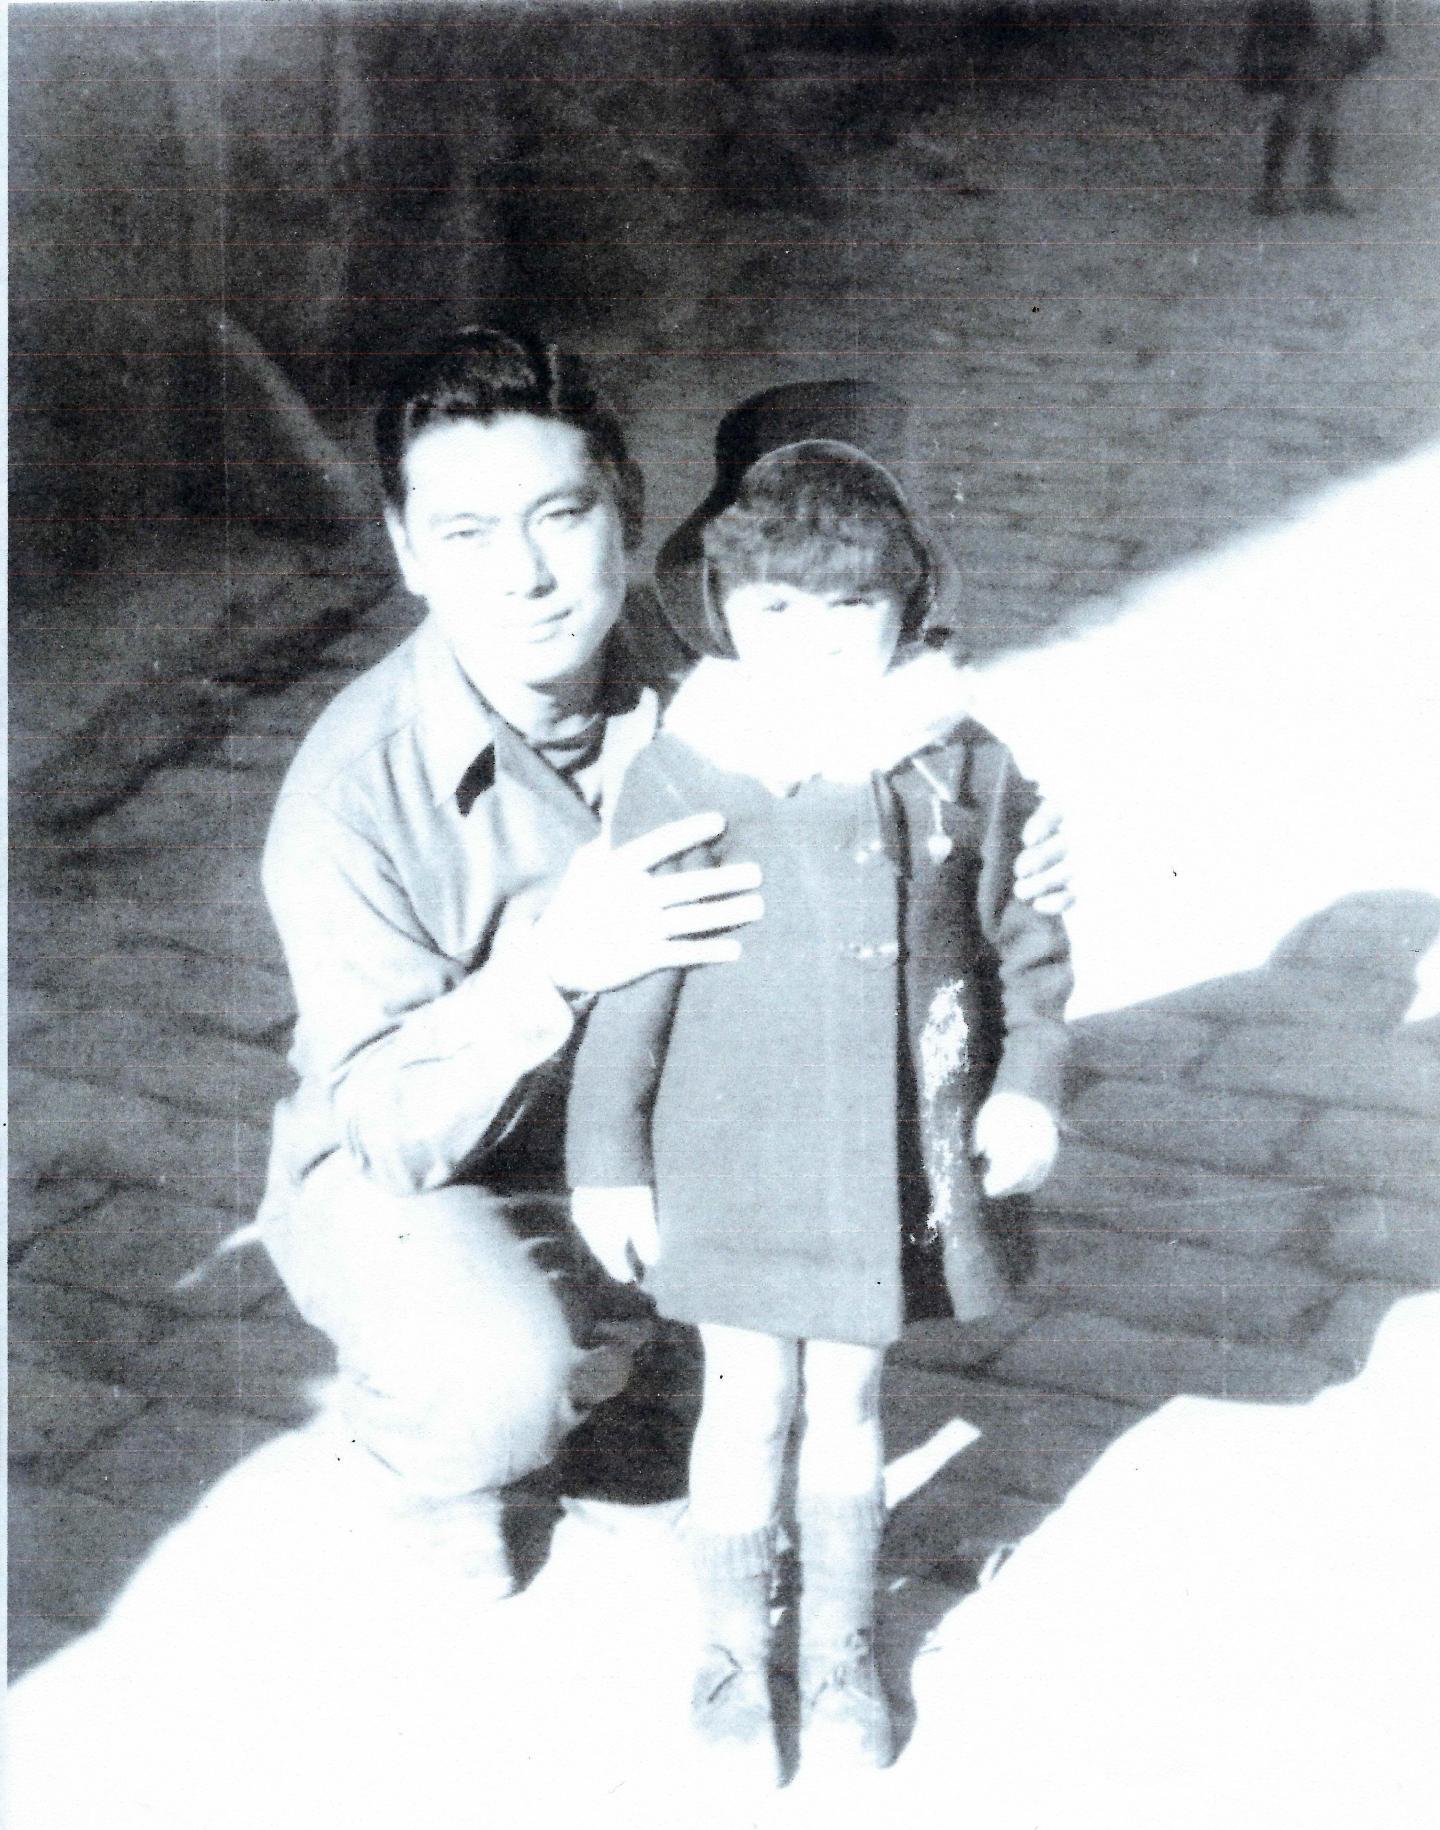 Shig Doi, 100 ans aujourd'hui, n'a pas oublié son passage à L'Escarène en 1944.